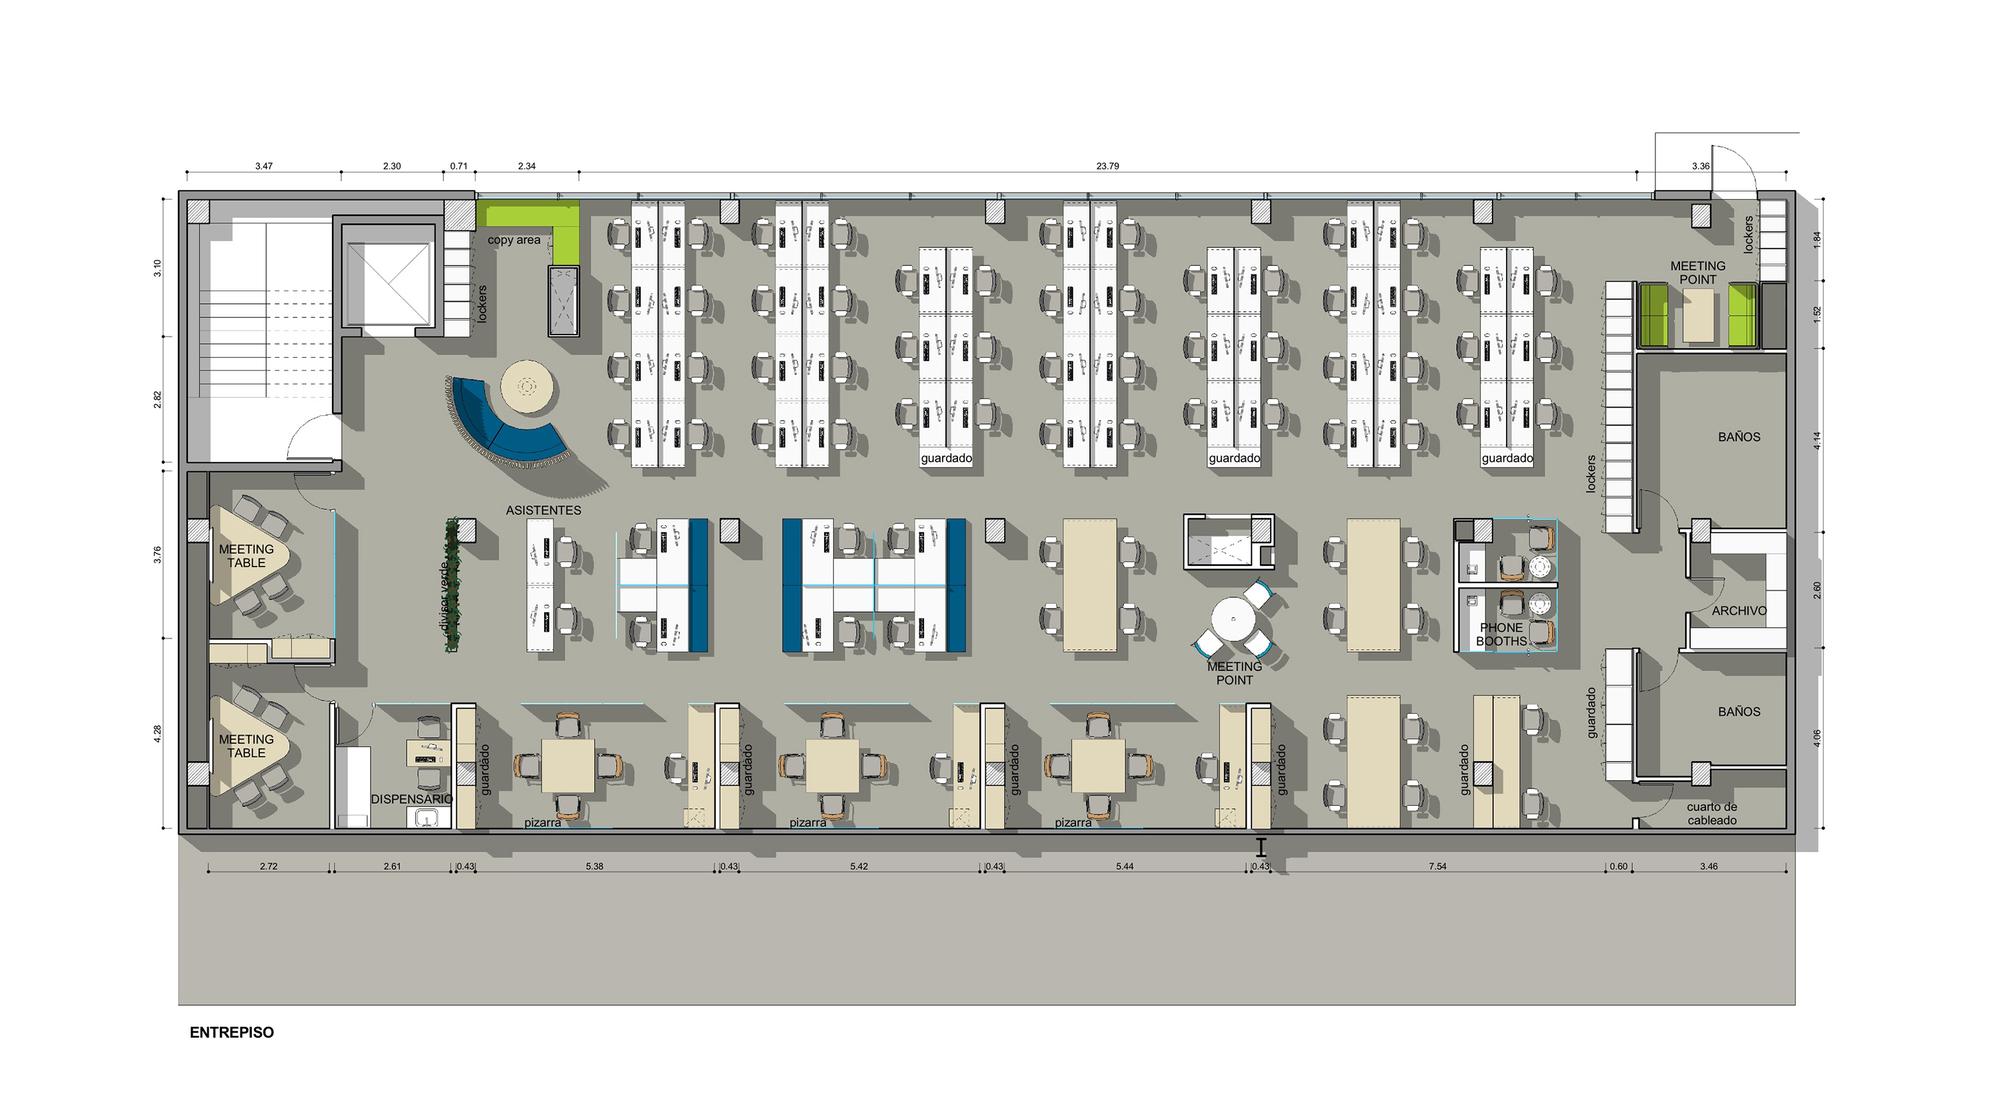 Galer a de oficinas telef nica contract workplaces 17 for Planta arquitectonica de una oficina